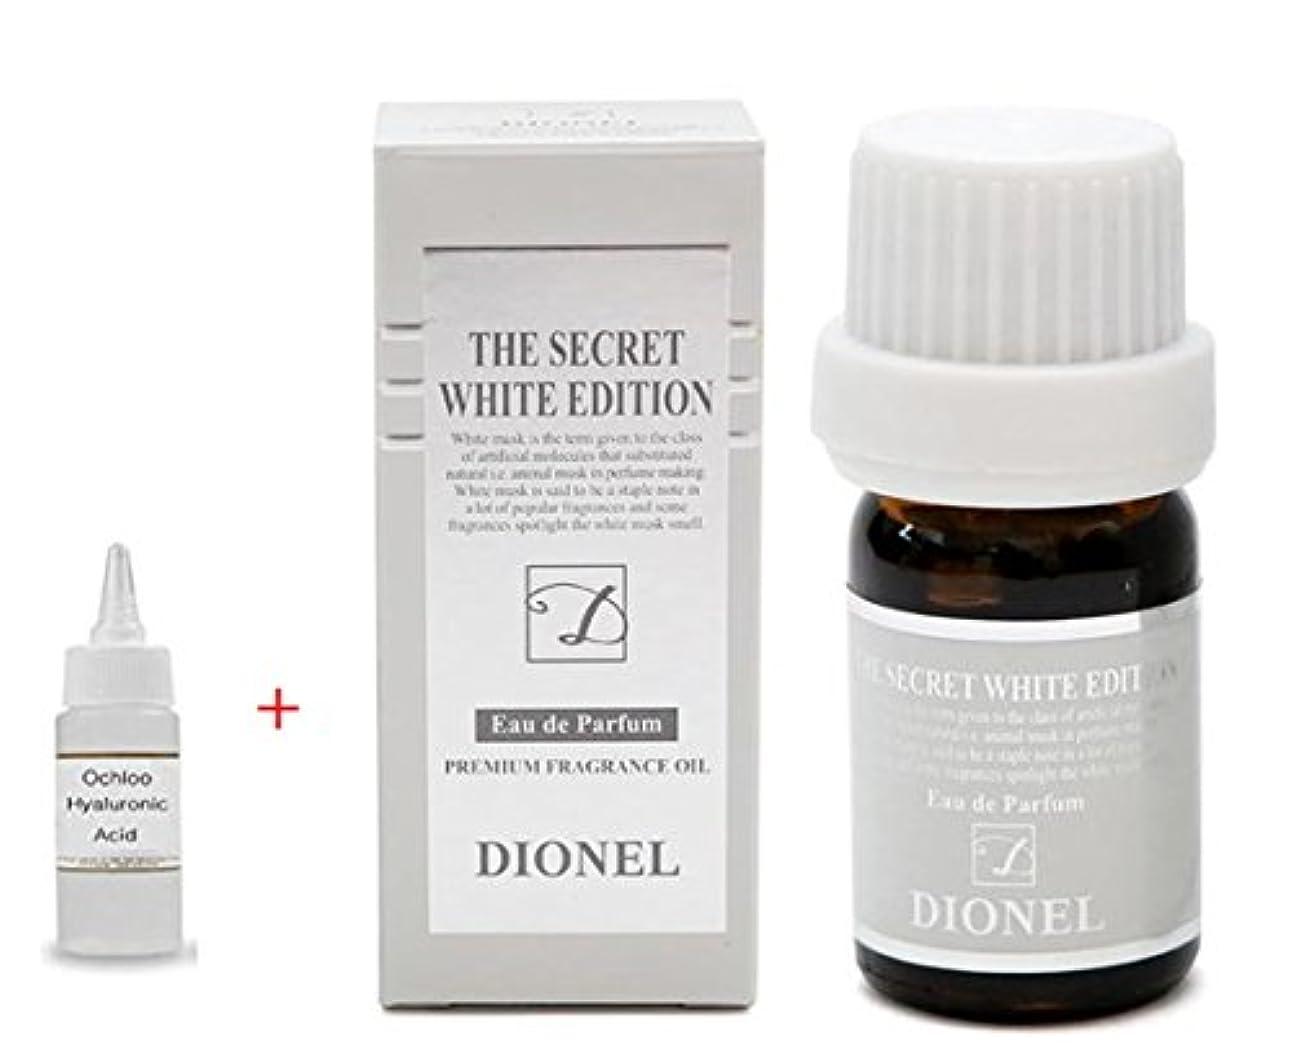 まだら不要溶けた[Dionel] 香水のような女性清潔剤、プレミアムアロマエッセンス Love Secret White Edition Dionel 5ml. ラブブラックエディション、一滴の奇跡. Made in Korea + +...